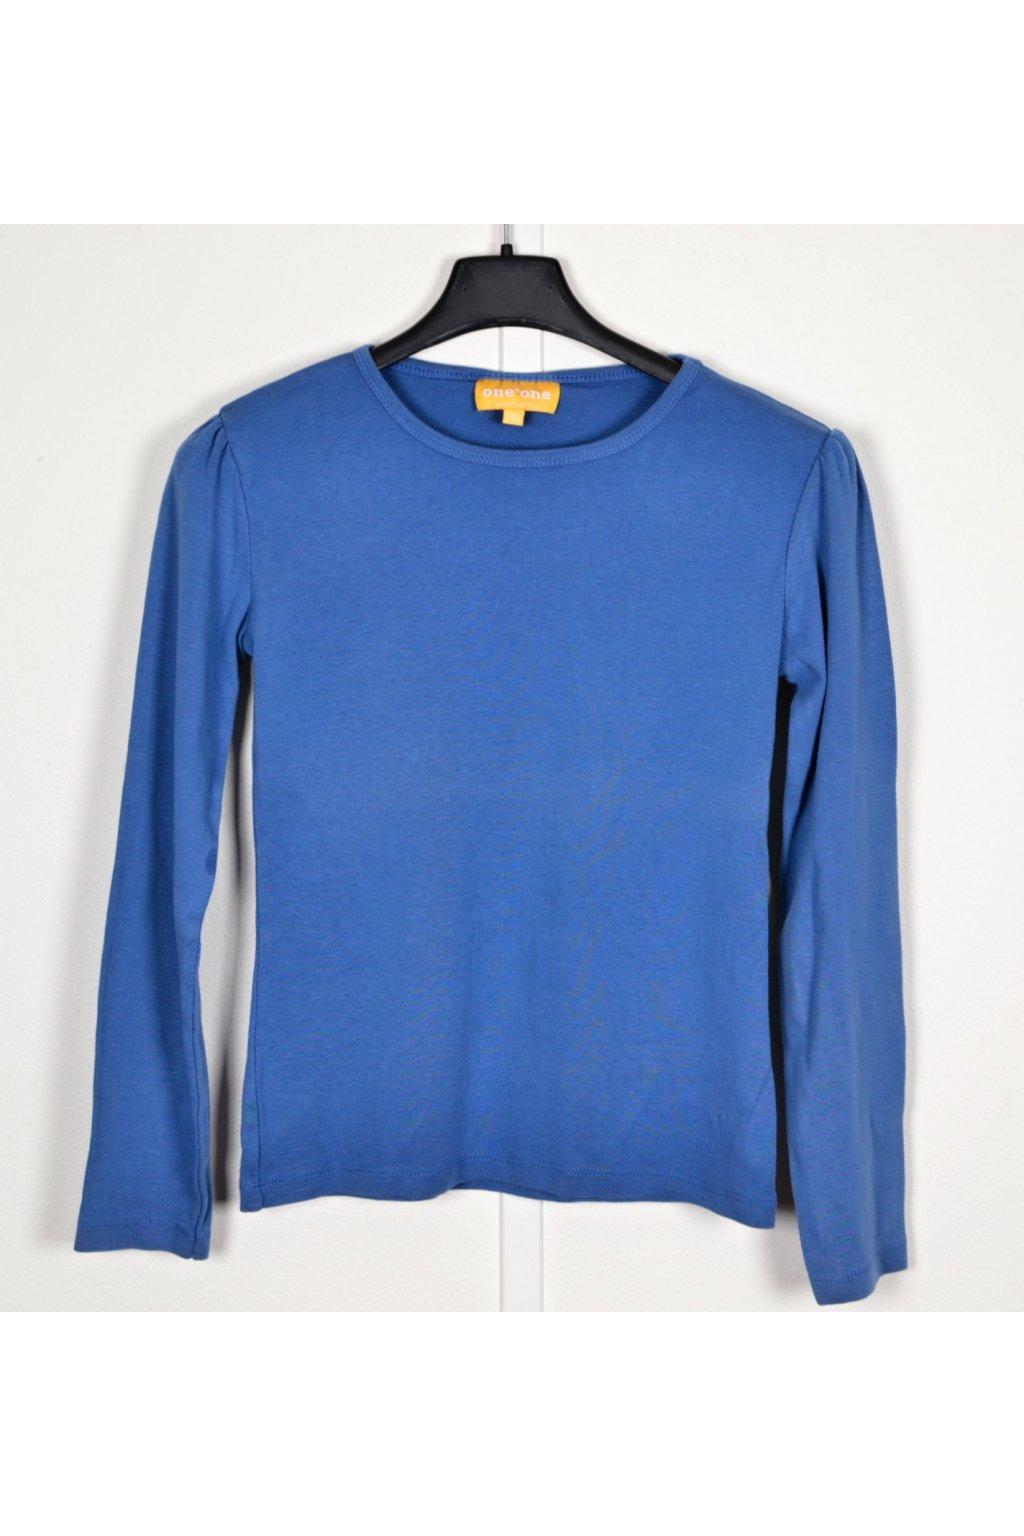 Tričko One by one vel 152 modré dlouhý rukáv